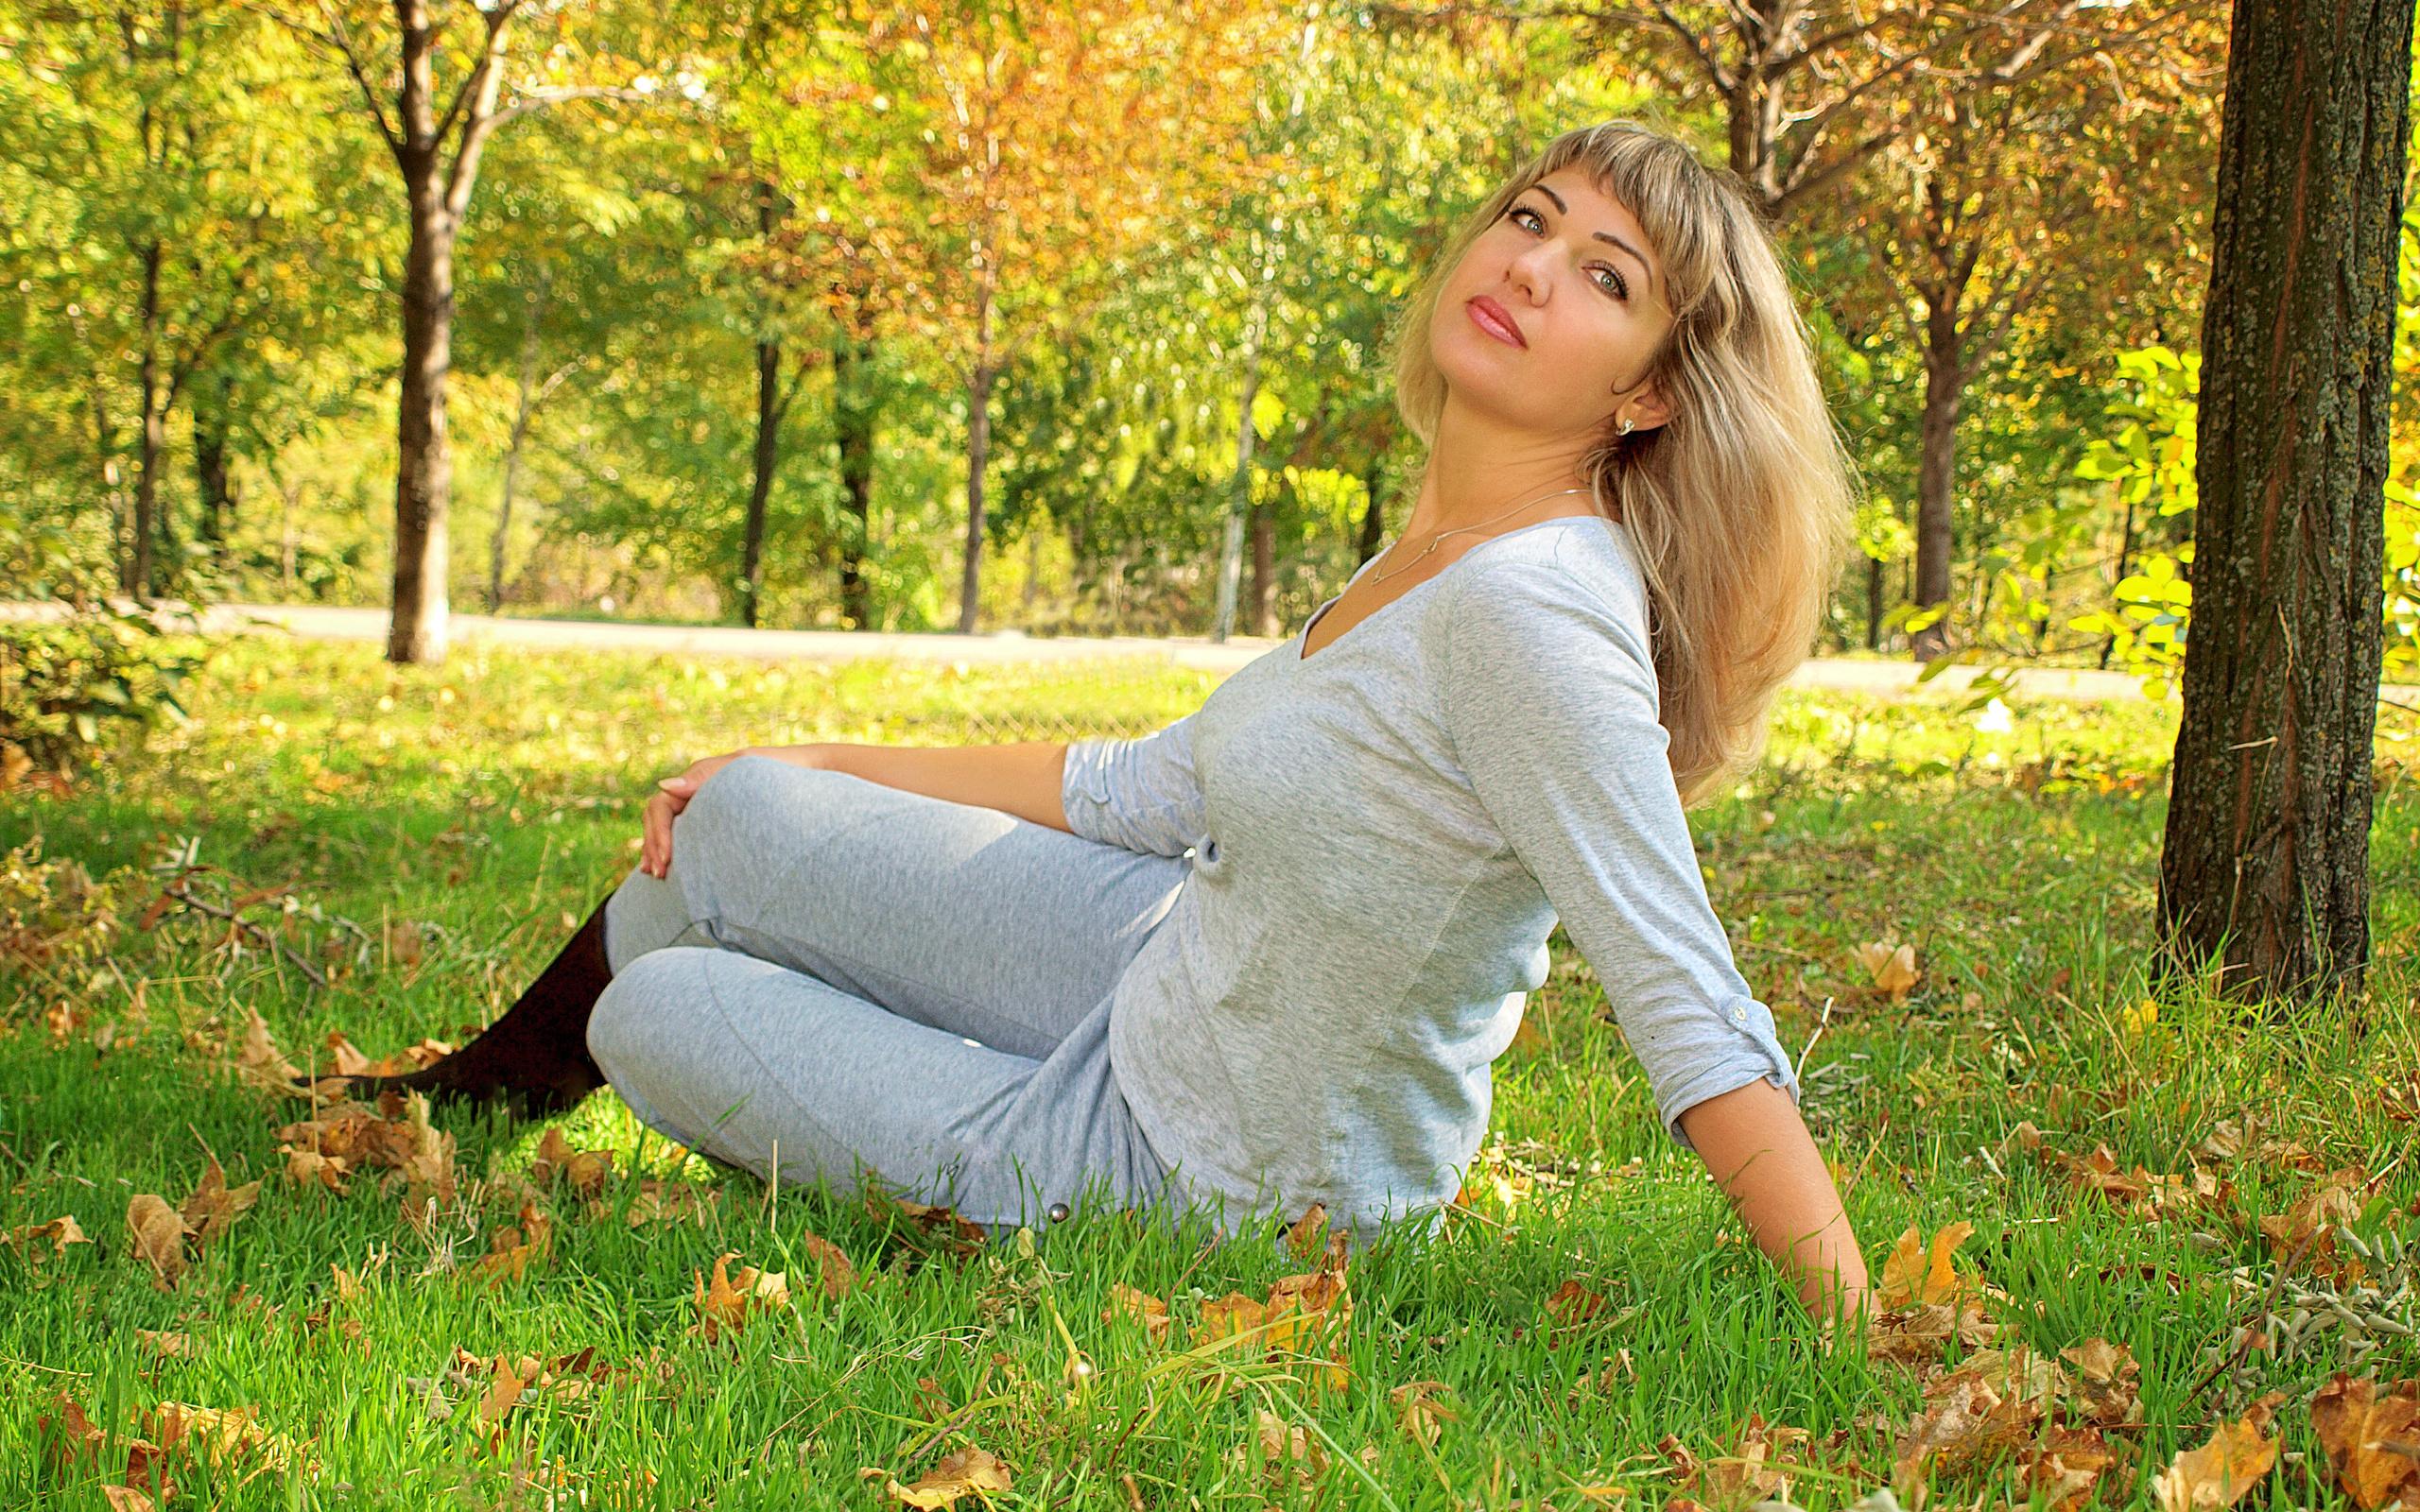 Любительское фото в парке